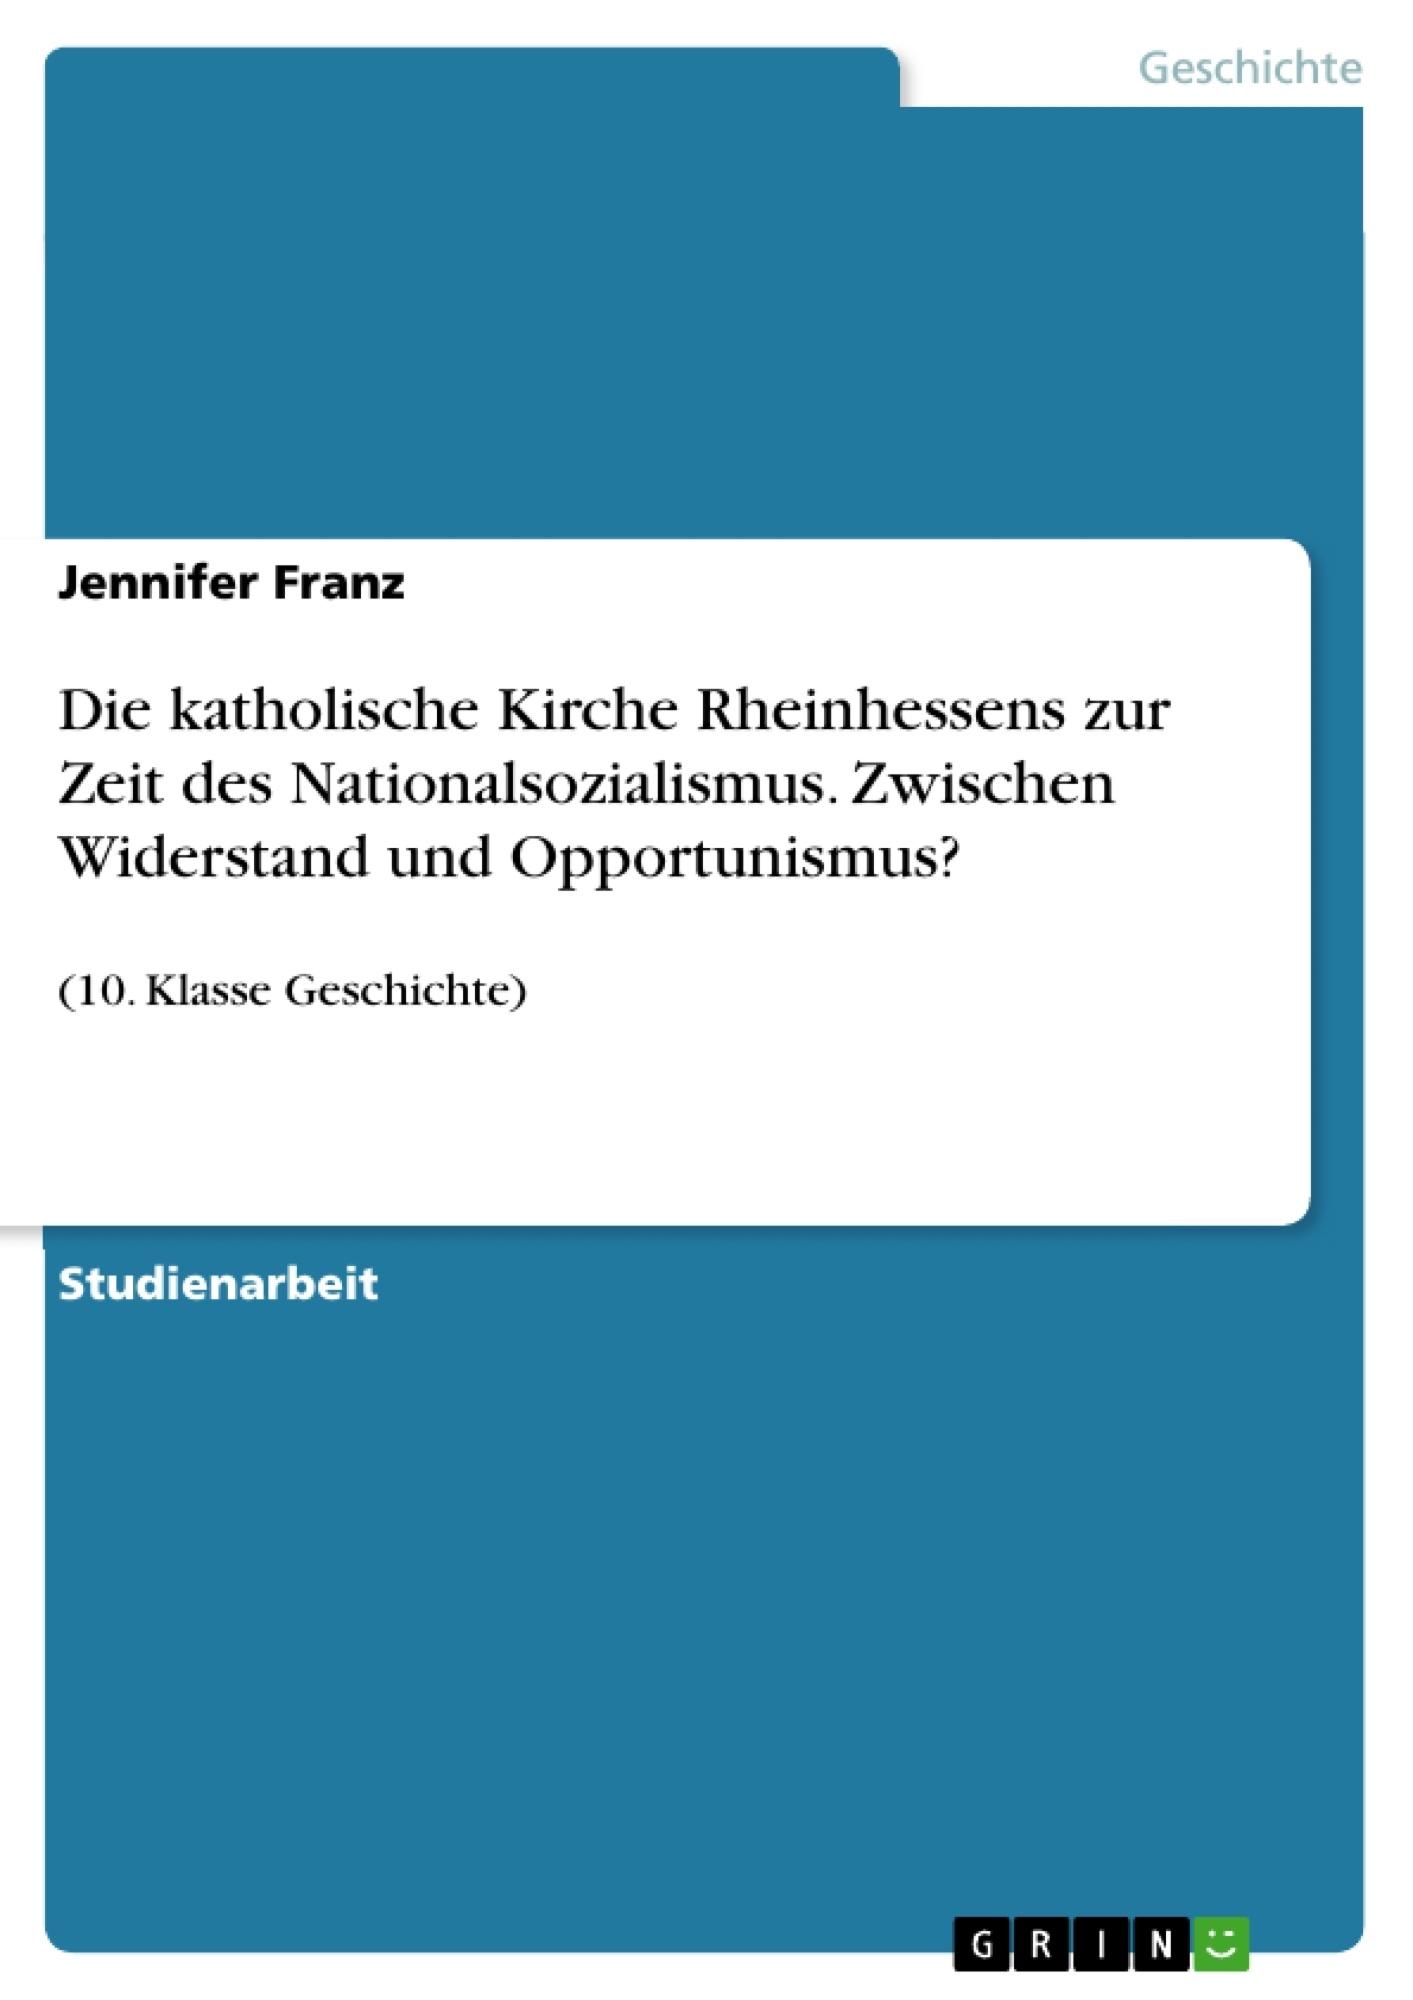 Titel: Die katholische Kirche Rheinhessens zur Zeit des Nationalsozialismus. Zwischen Widerstand und Opportunismus?